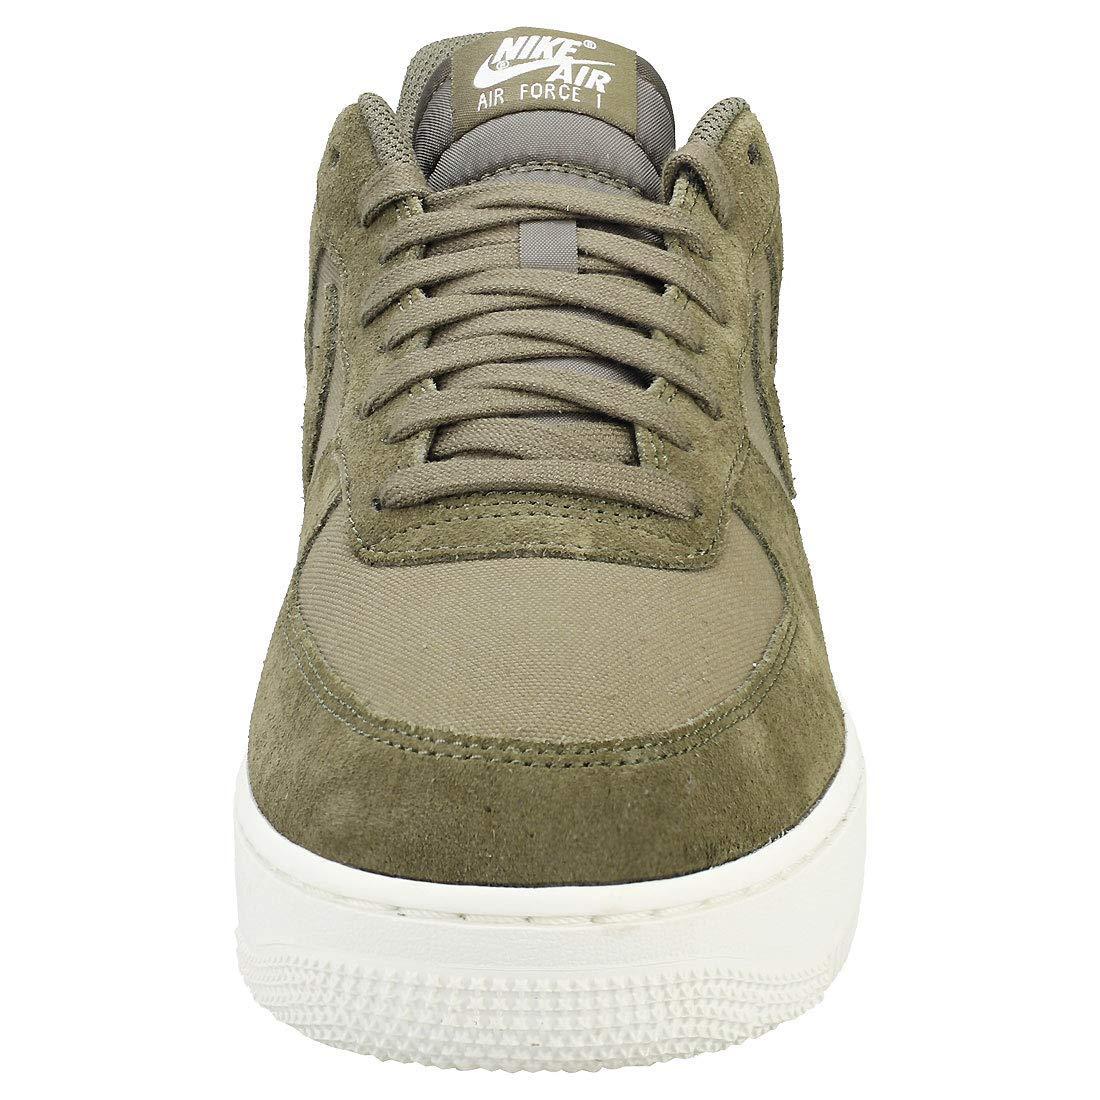 Nike Herren Air Force 1 '07 Suede Suede Suede Fitnessschuhe 9591d3